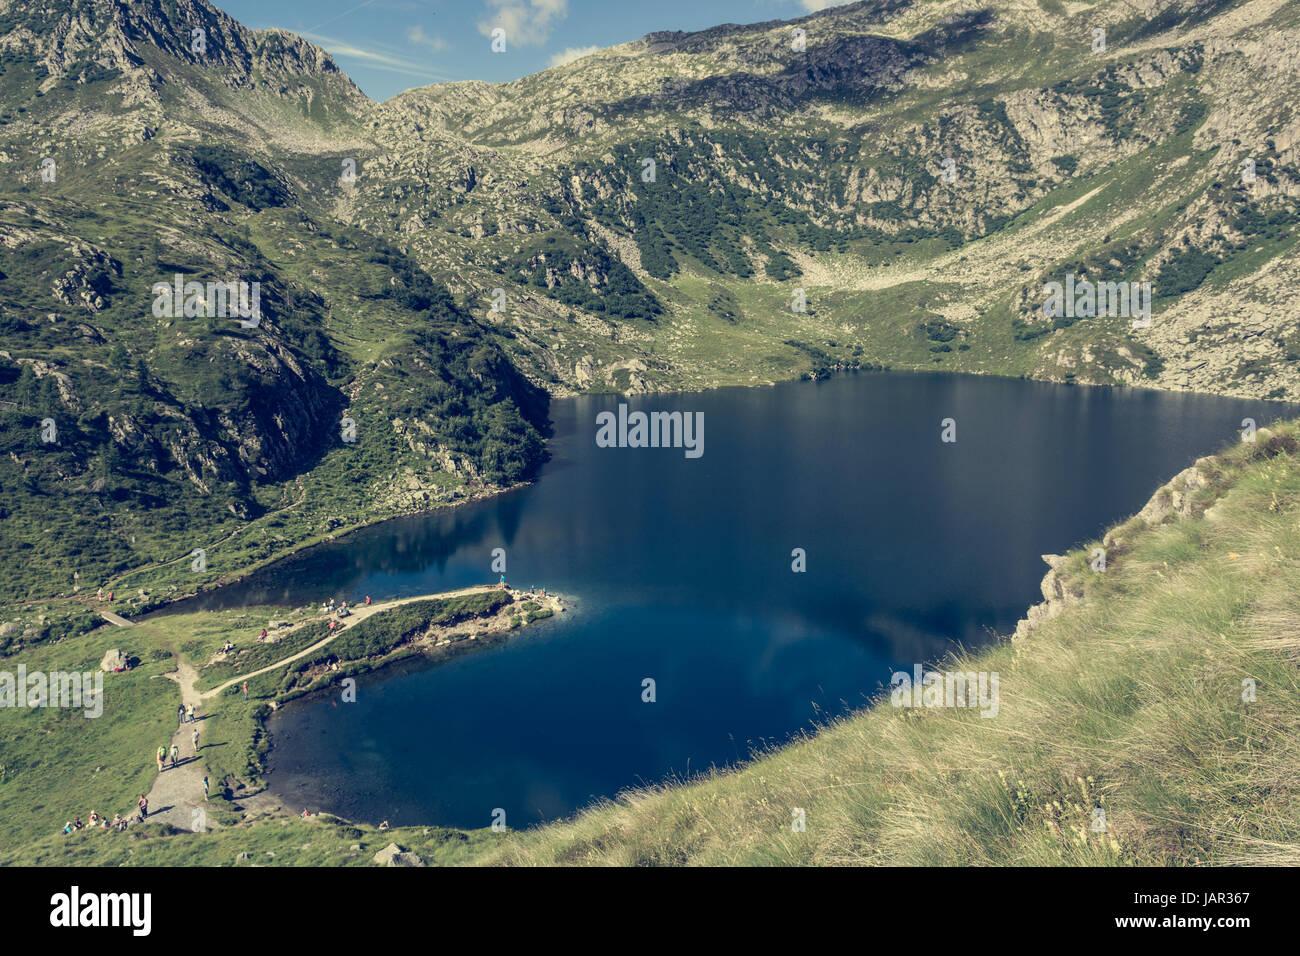 Glacier mountain lake in Brenta Dolomites. - Stock Image